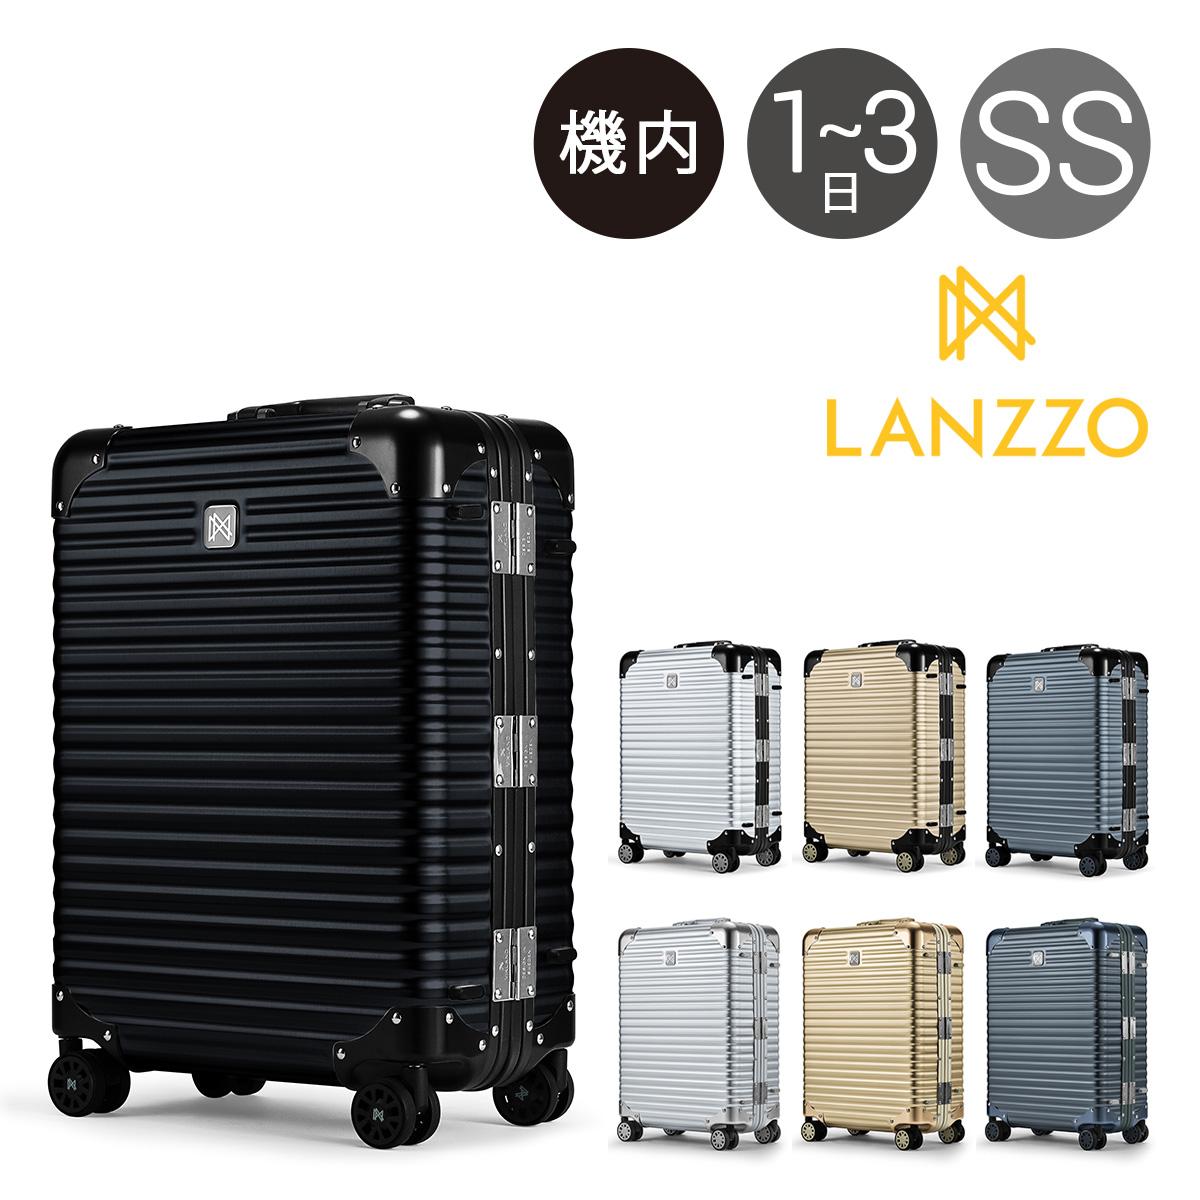 ランツォ スーツケース ノーマン 21インチ|機内持ち込み 34L 49cm 4.6kg|アルミニウム合金 5年保証 アルミ ハード フレーム TSAロック搭載 キャリーケース LANZZO [bef]